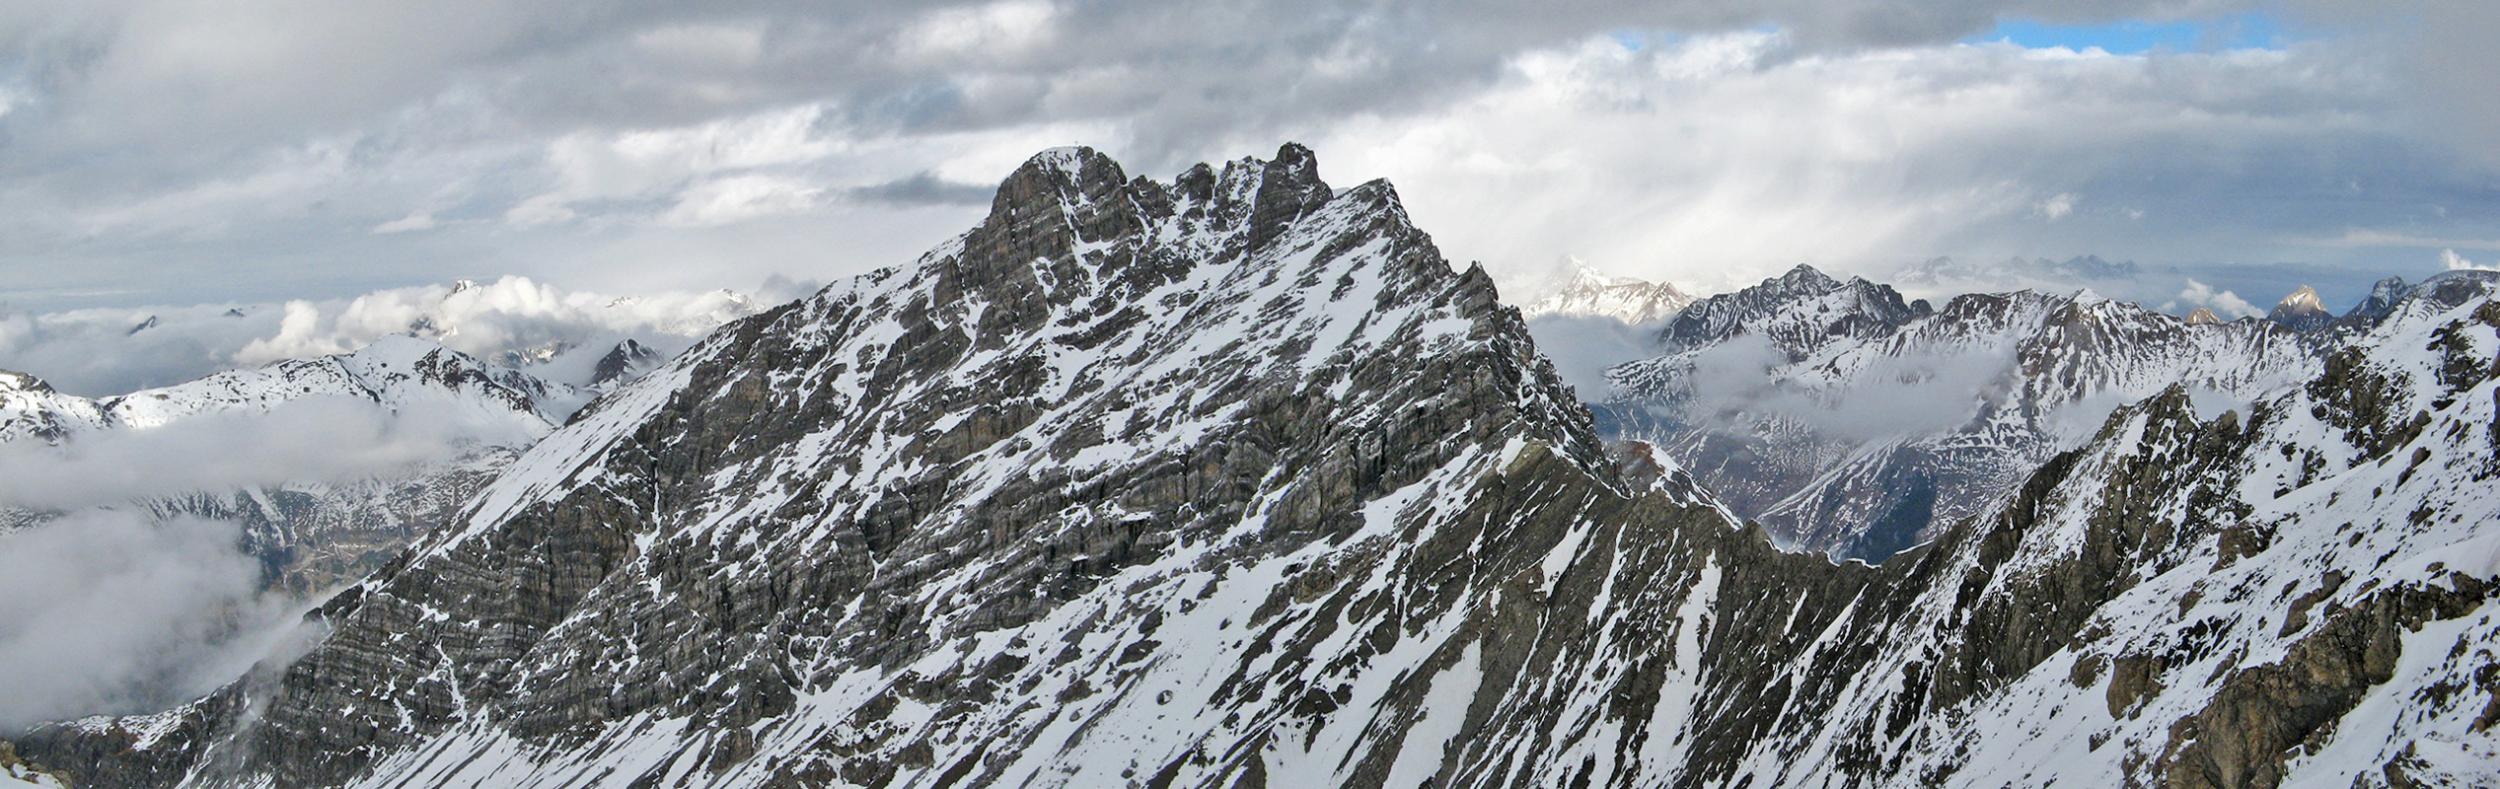 Panorama von der Stanskogel-Westschulter hin zu der Fallesinspitze